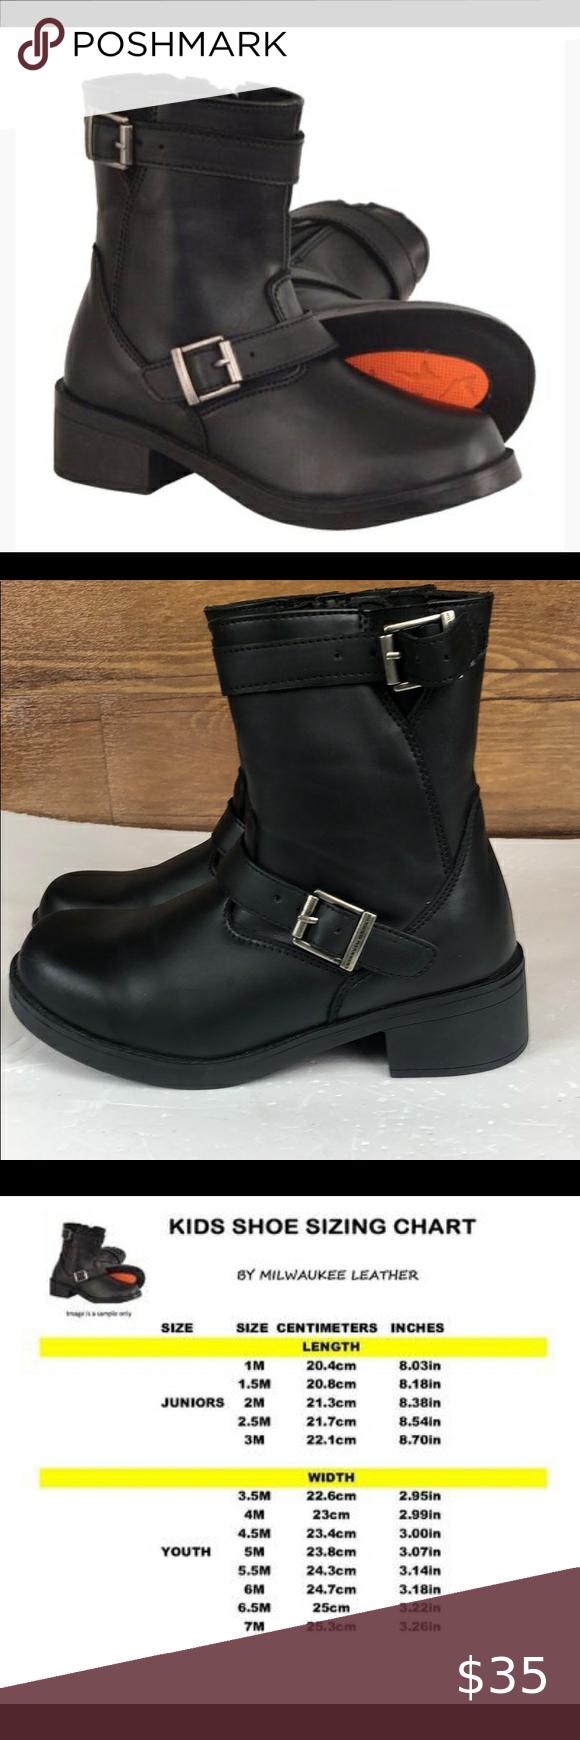 Milwaukee Leather MBK9290 Boys Black